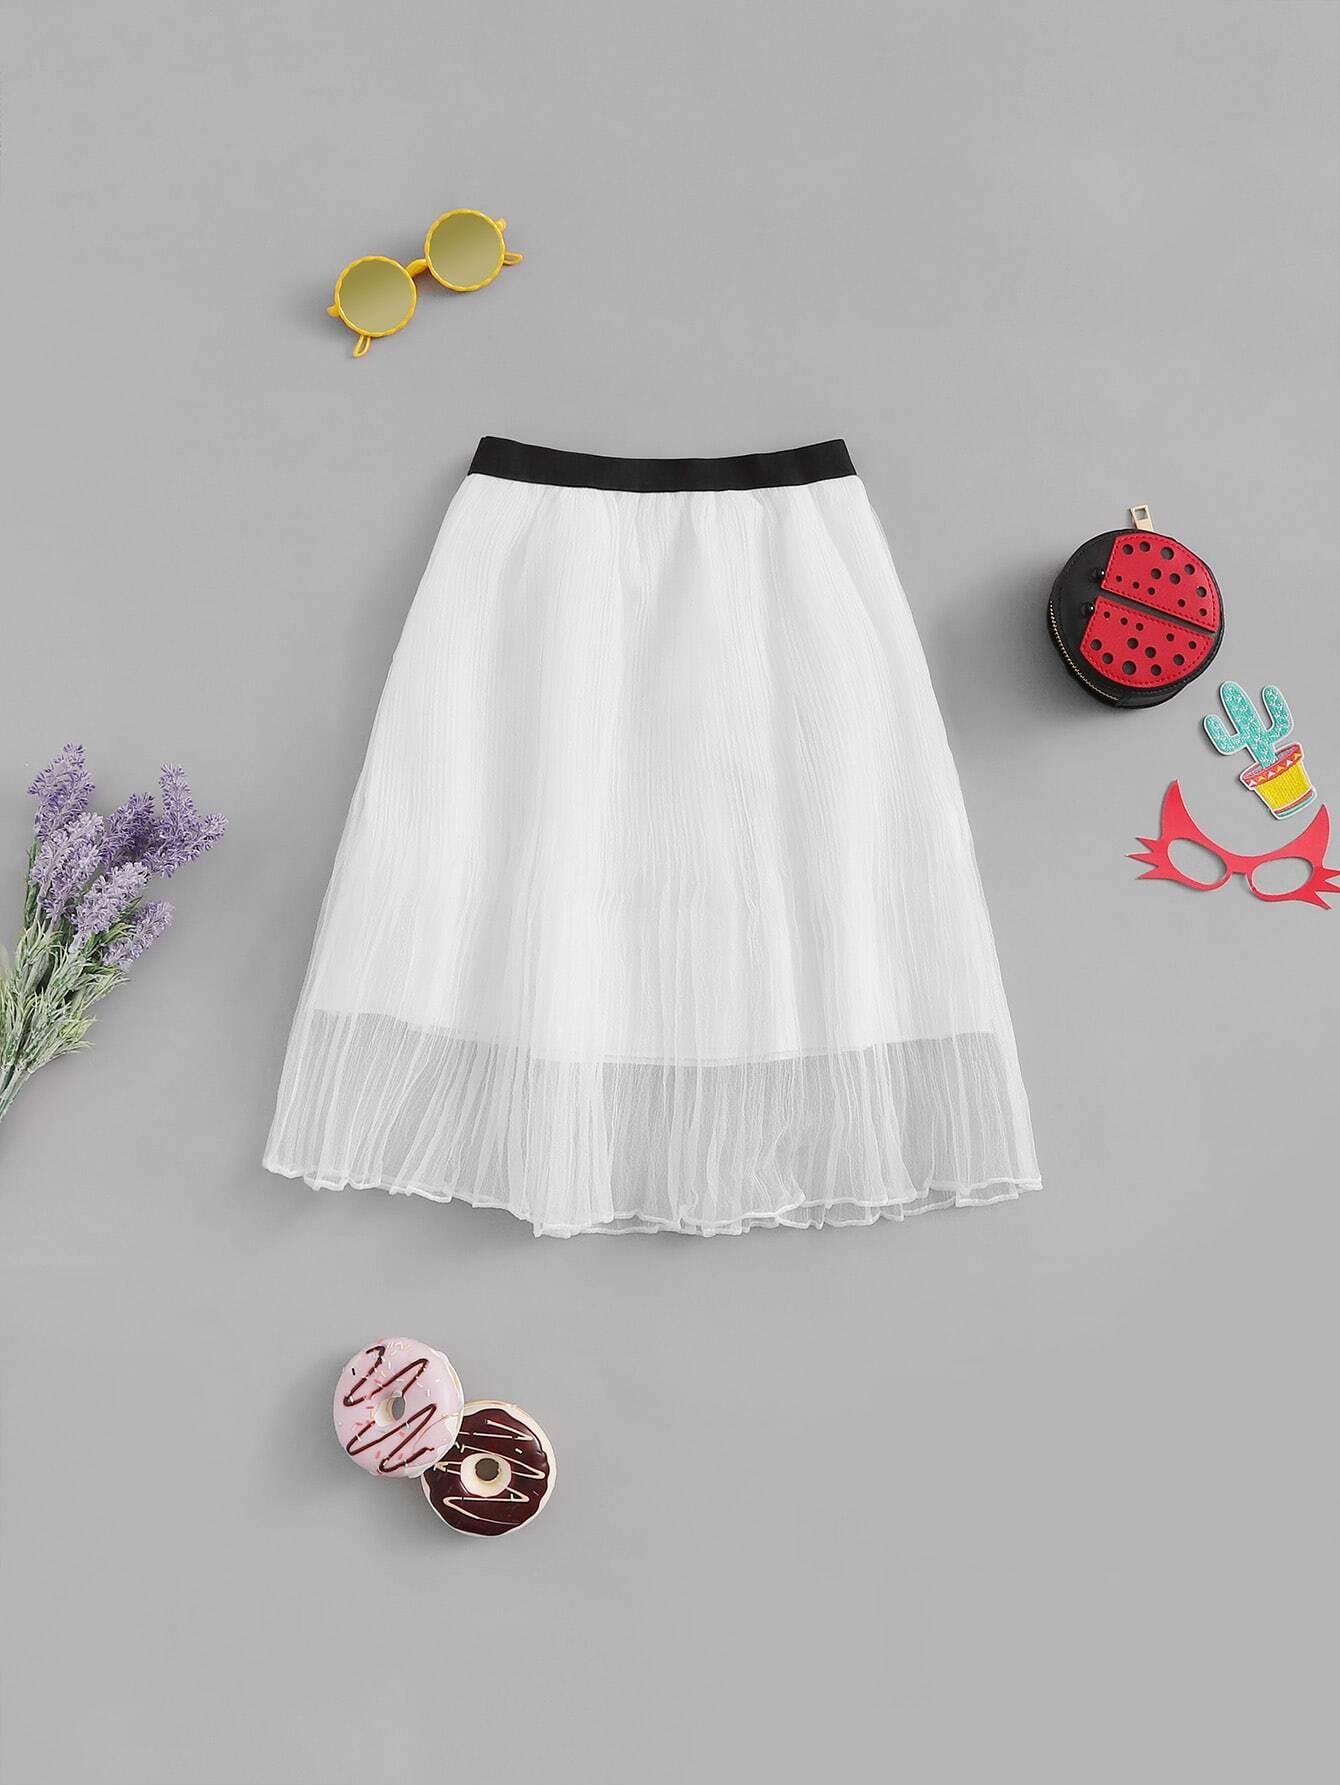 Купить Симметрическая юбка для девочек, null, SheIn